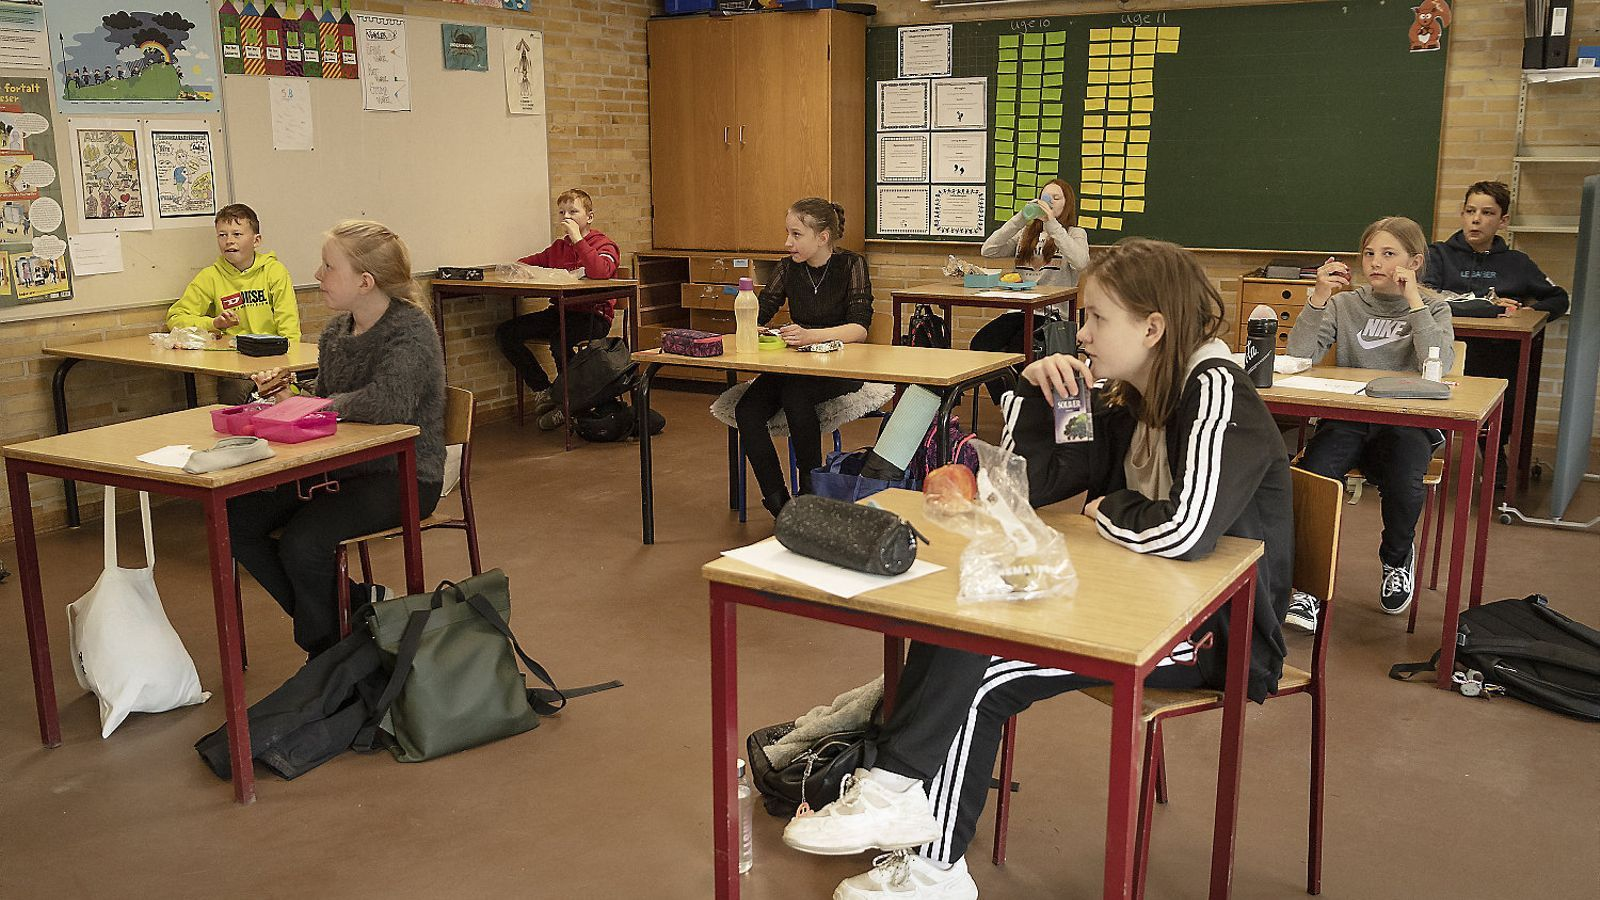 Un grup d'alumnes de primària fent classe en una aula d'una escola de la localitat de Randers, a Dinamarca.